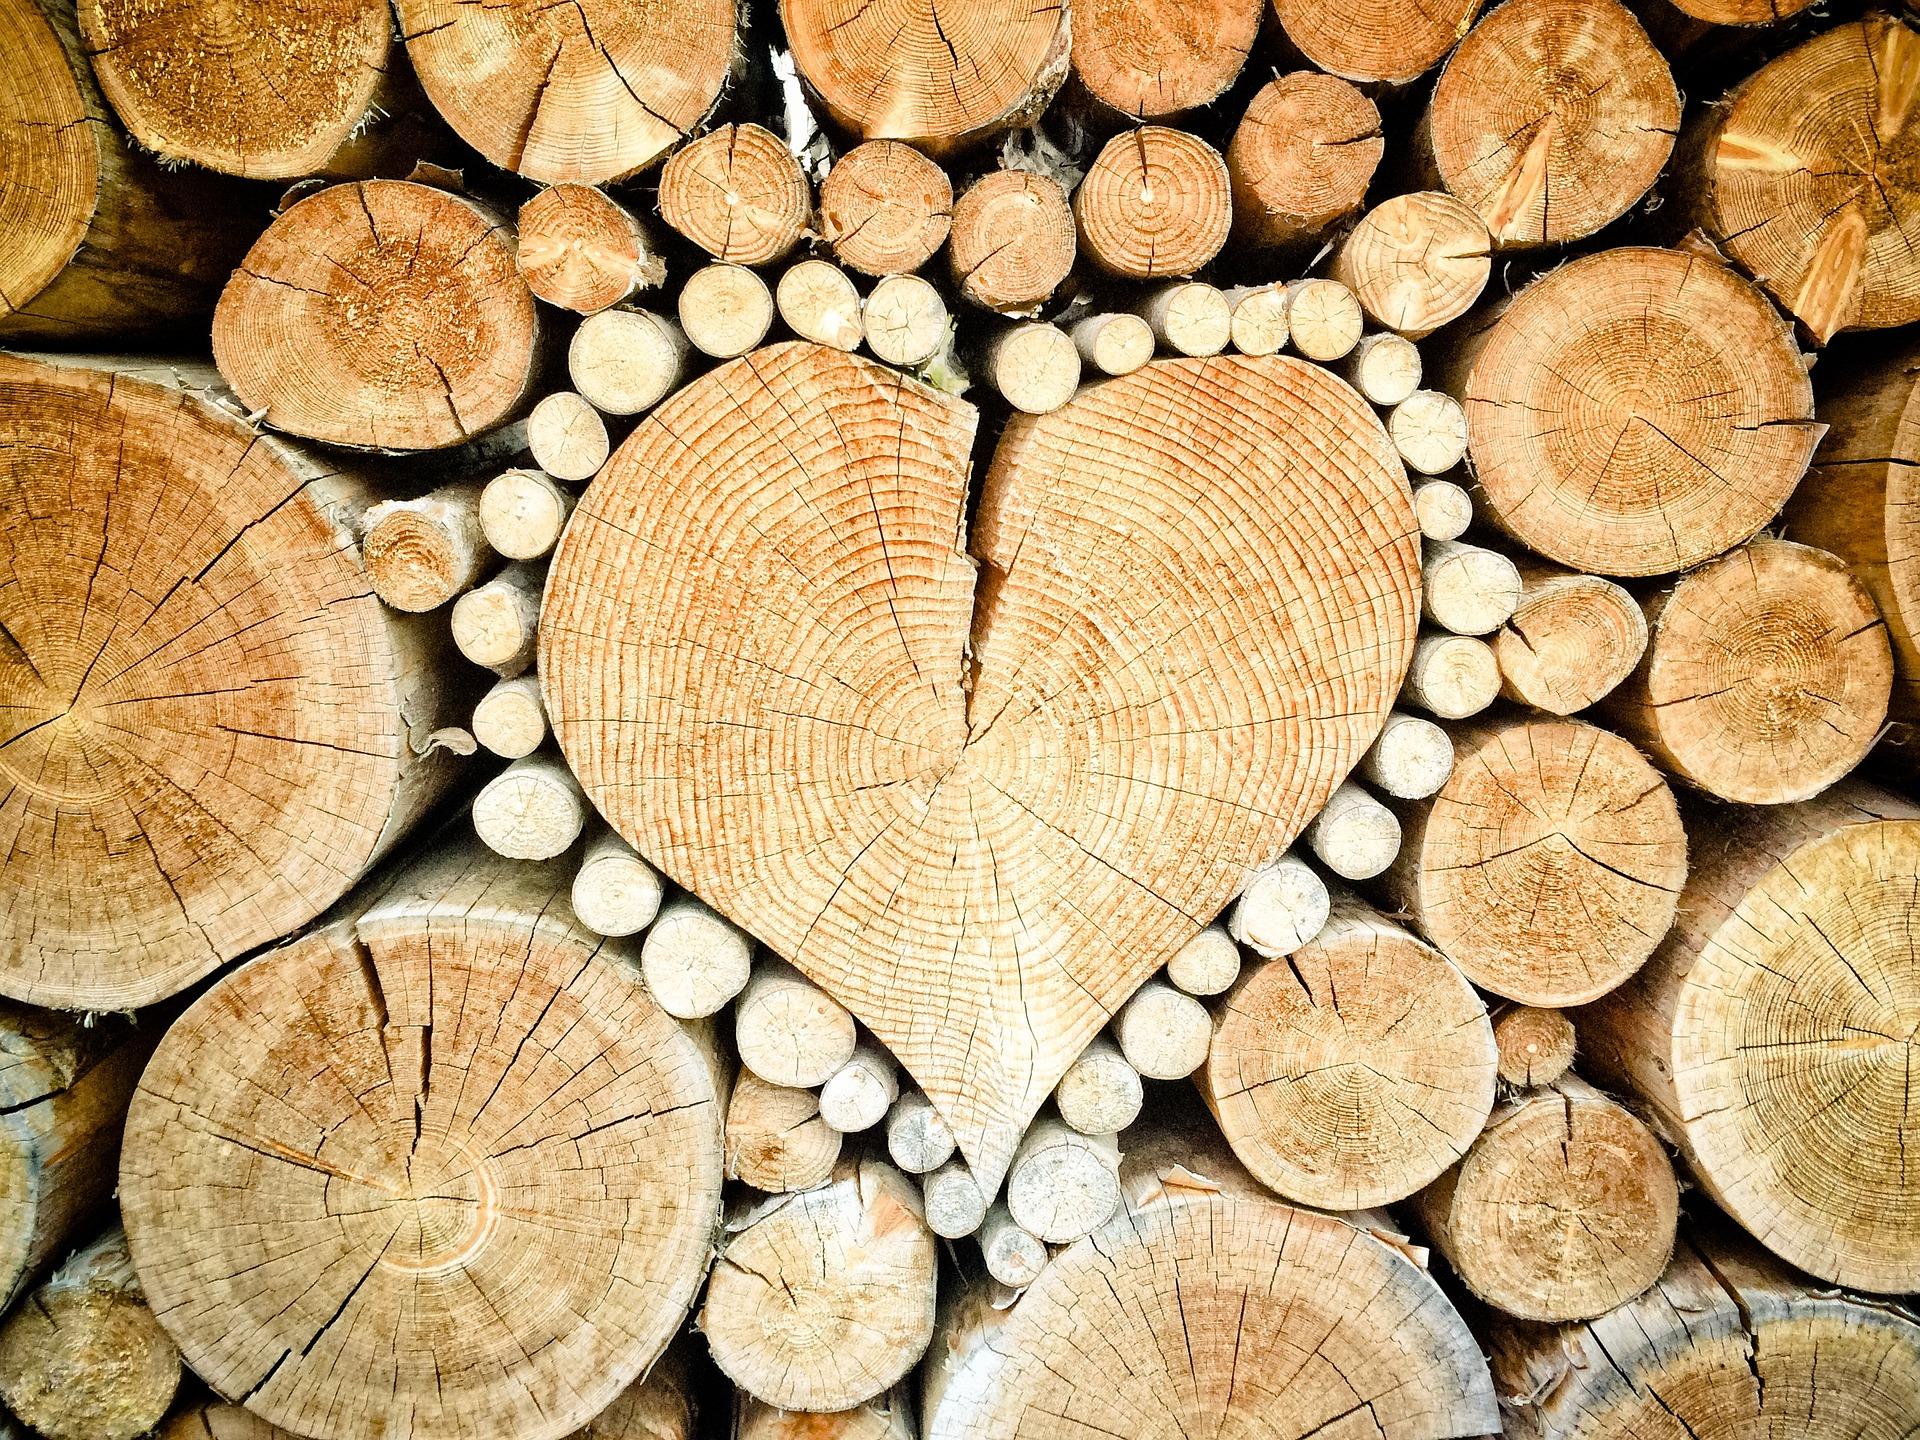 Výrobky ze dřeva, které nás překvapí